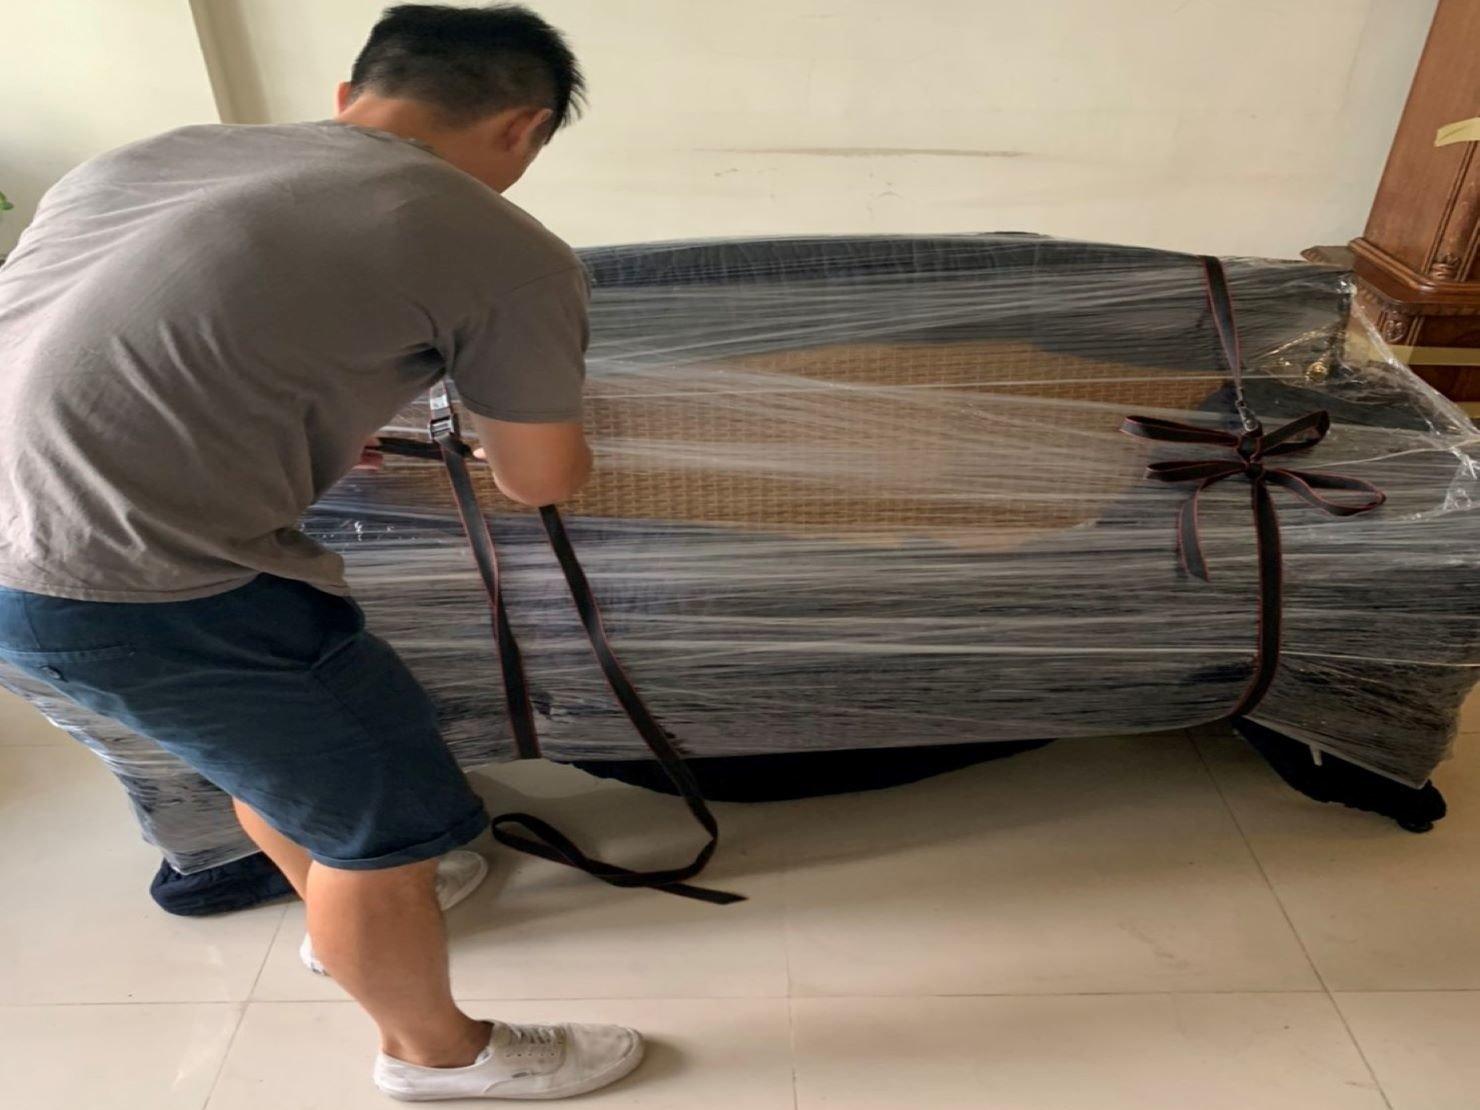 搬家【榮福搬家】搬家公司推薦、口碑第一、台北搬家:三人座藤製椅以日式保護布套將藤製椅包覆,再用膠膜層層綑繞後繫上布繩。